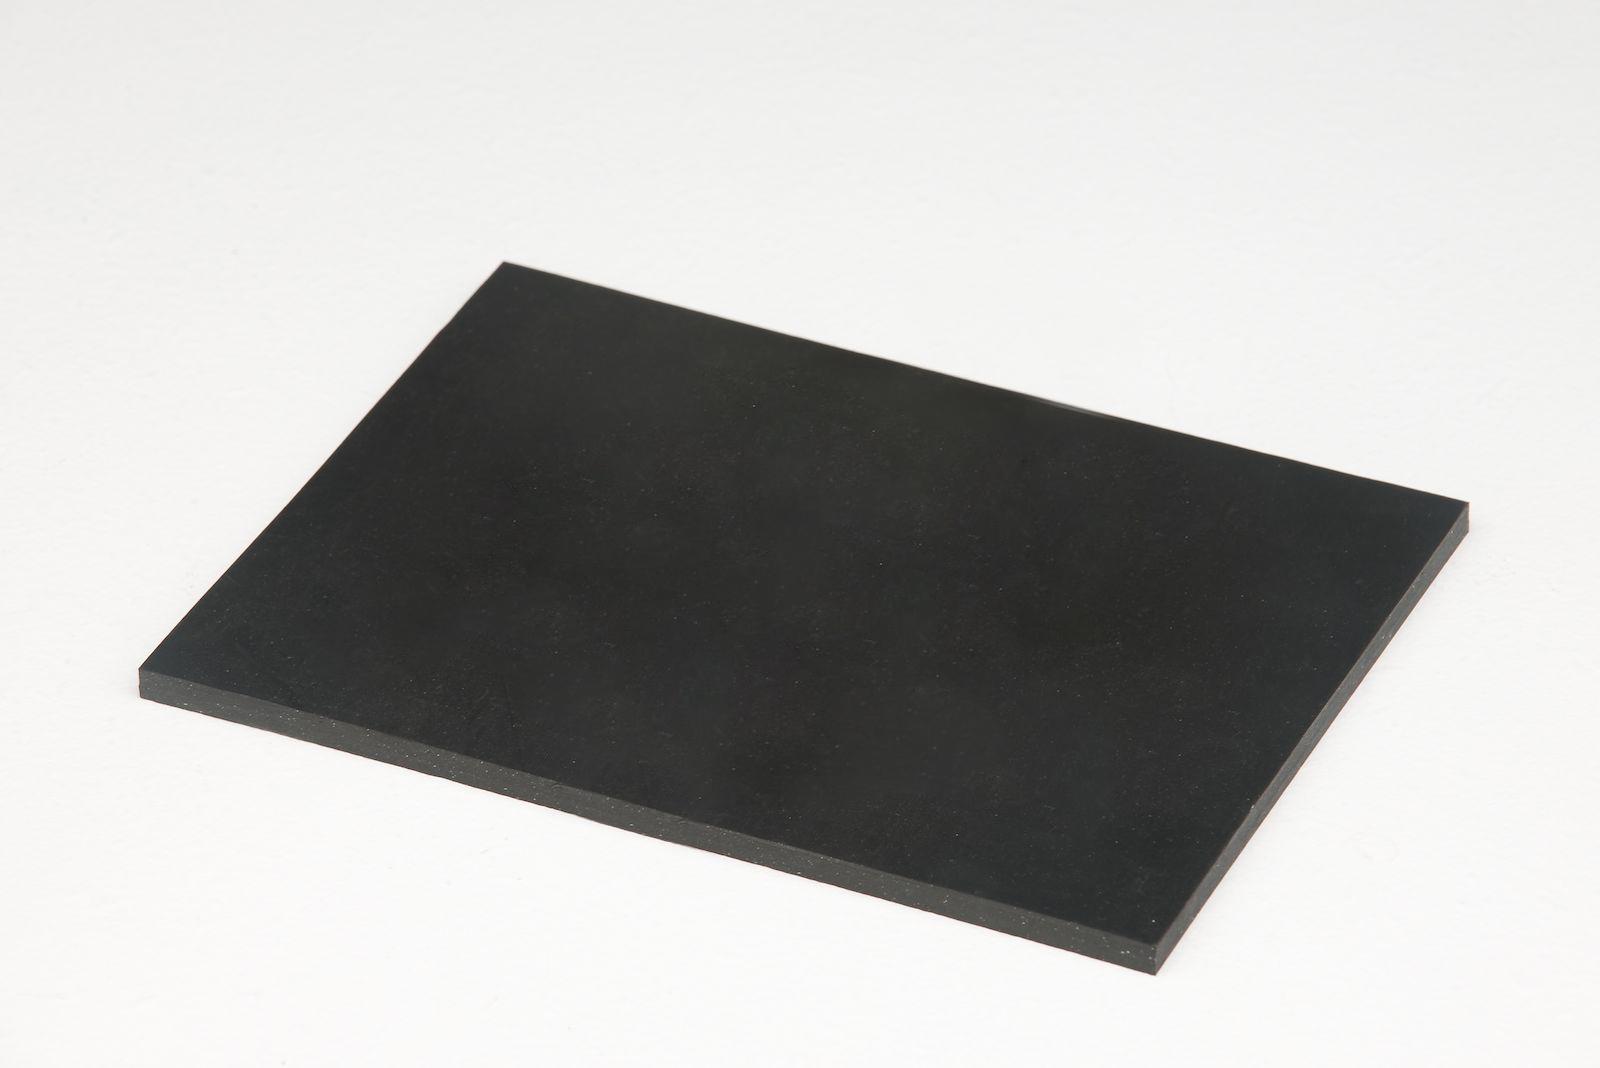 DSC_04302012-11-14 mat